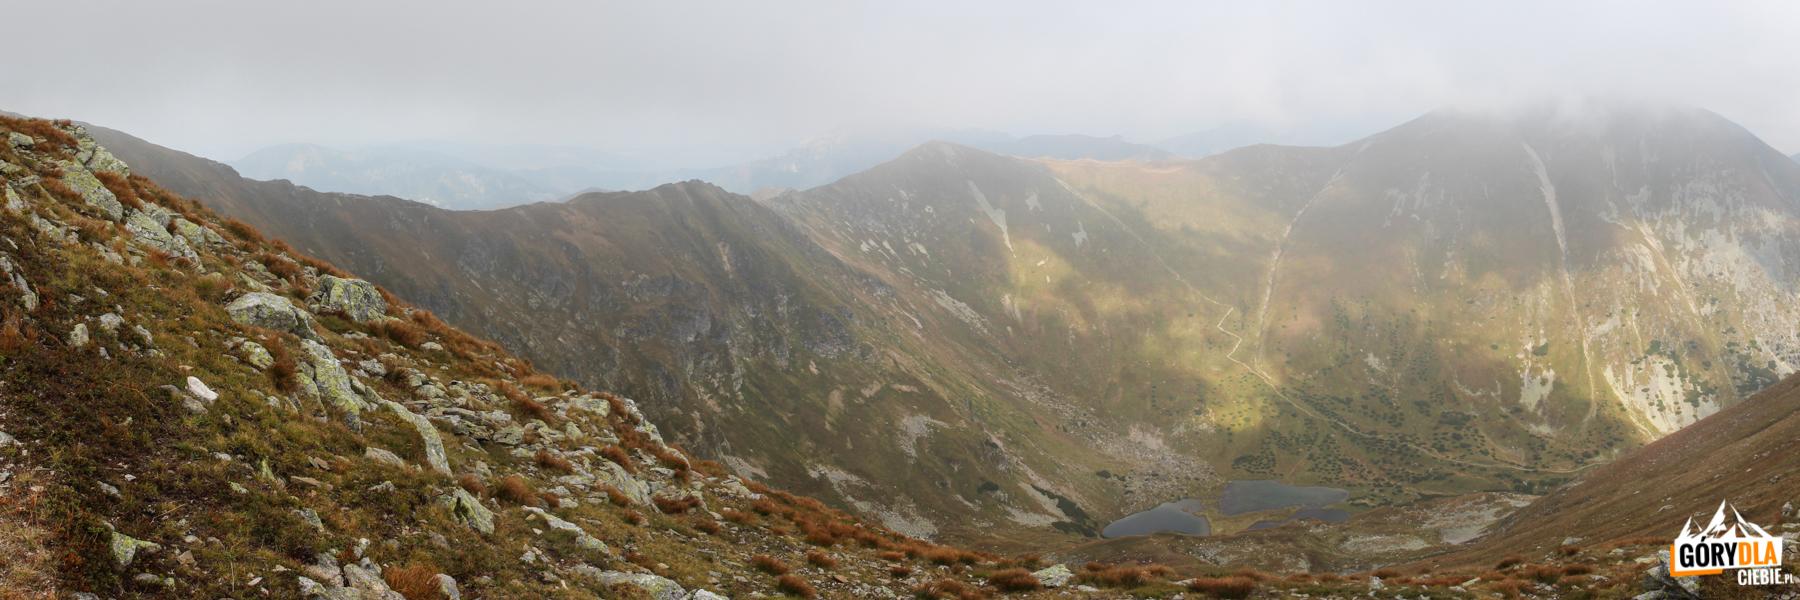 Widok zgrani podJarząbczym Wierchem (2137 m) naZadnią Raczkową Dolinę